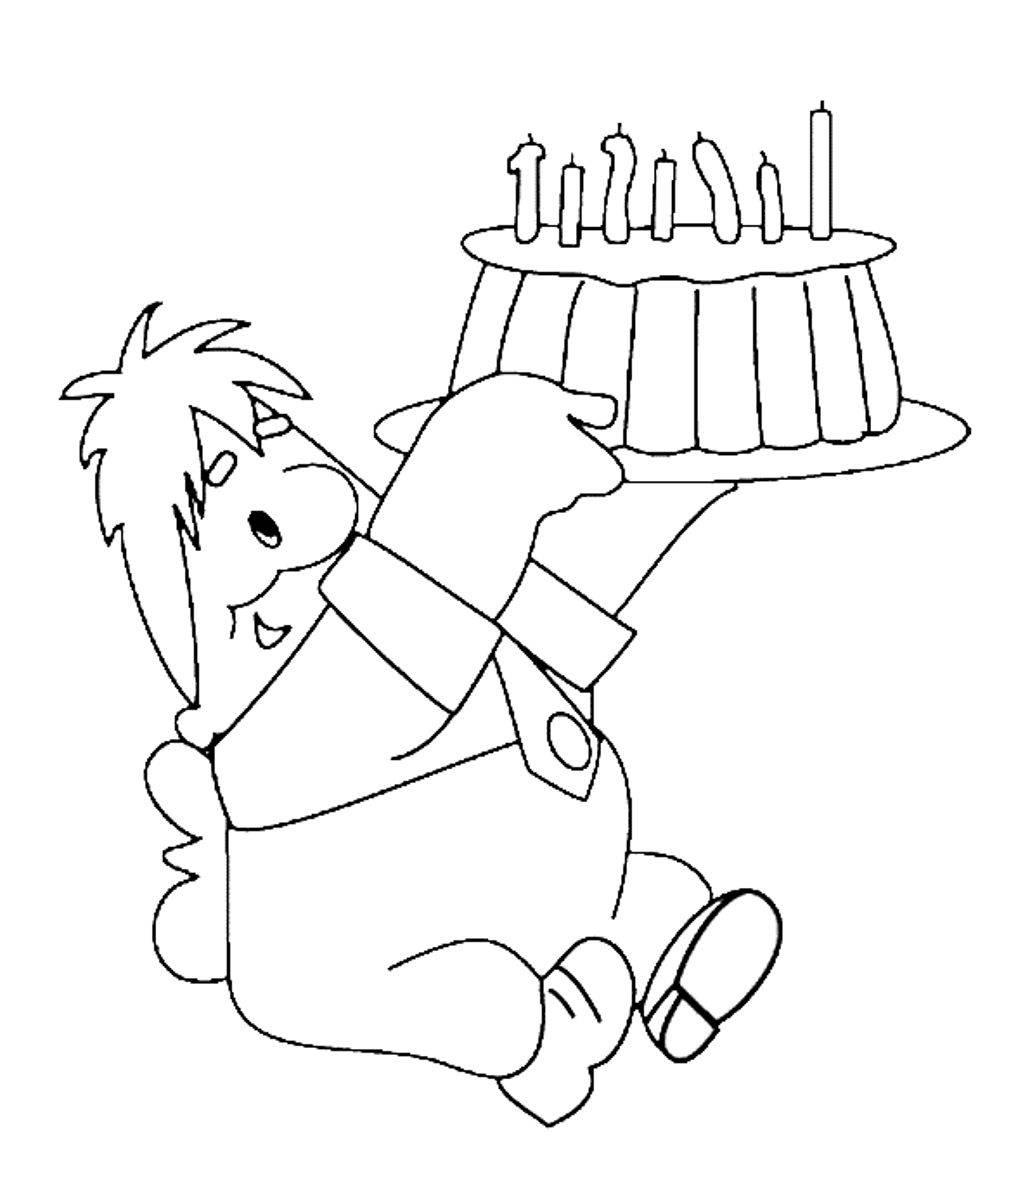 Раскраски на день рождения - детские раскраски распечатать ...